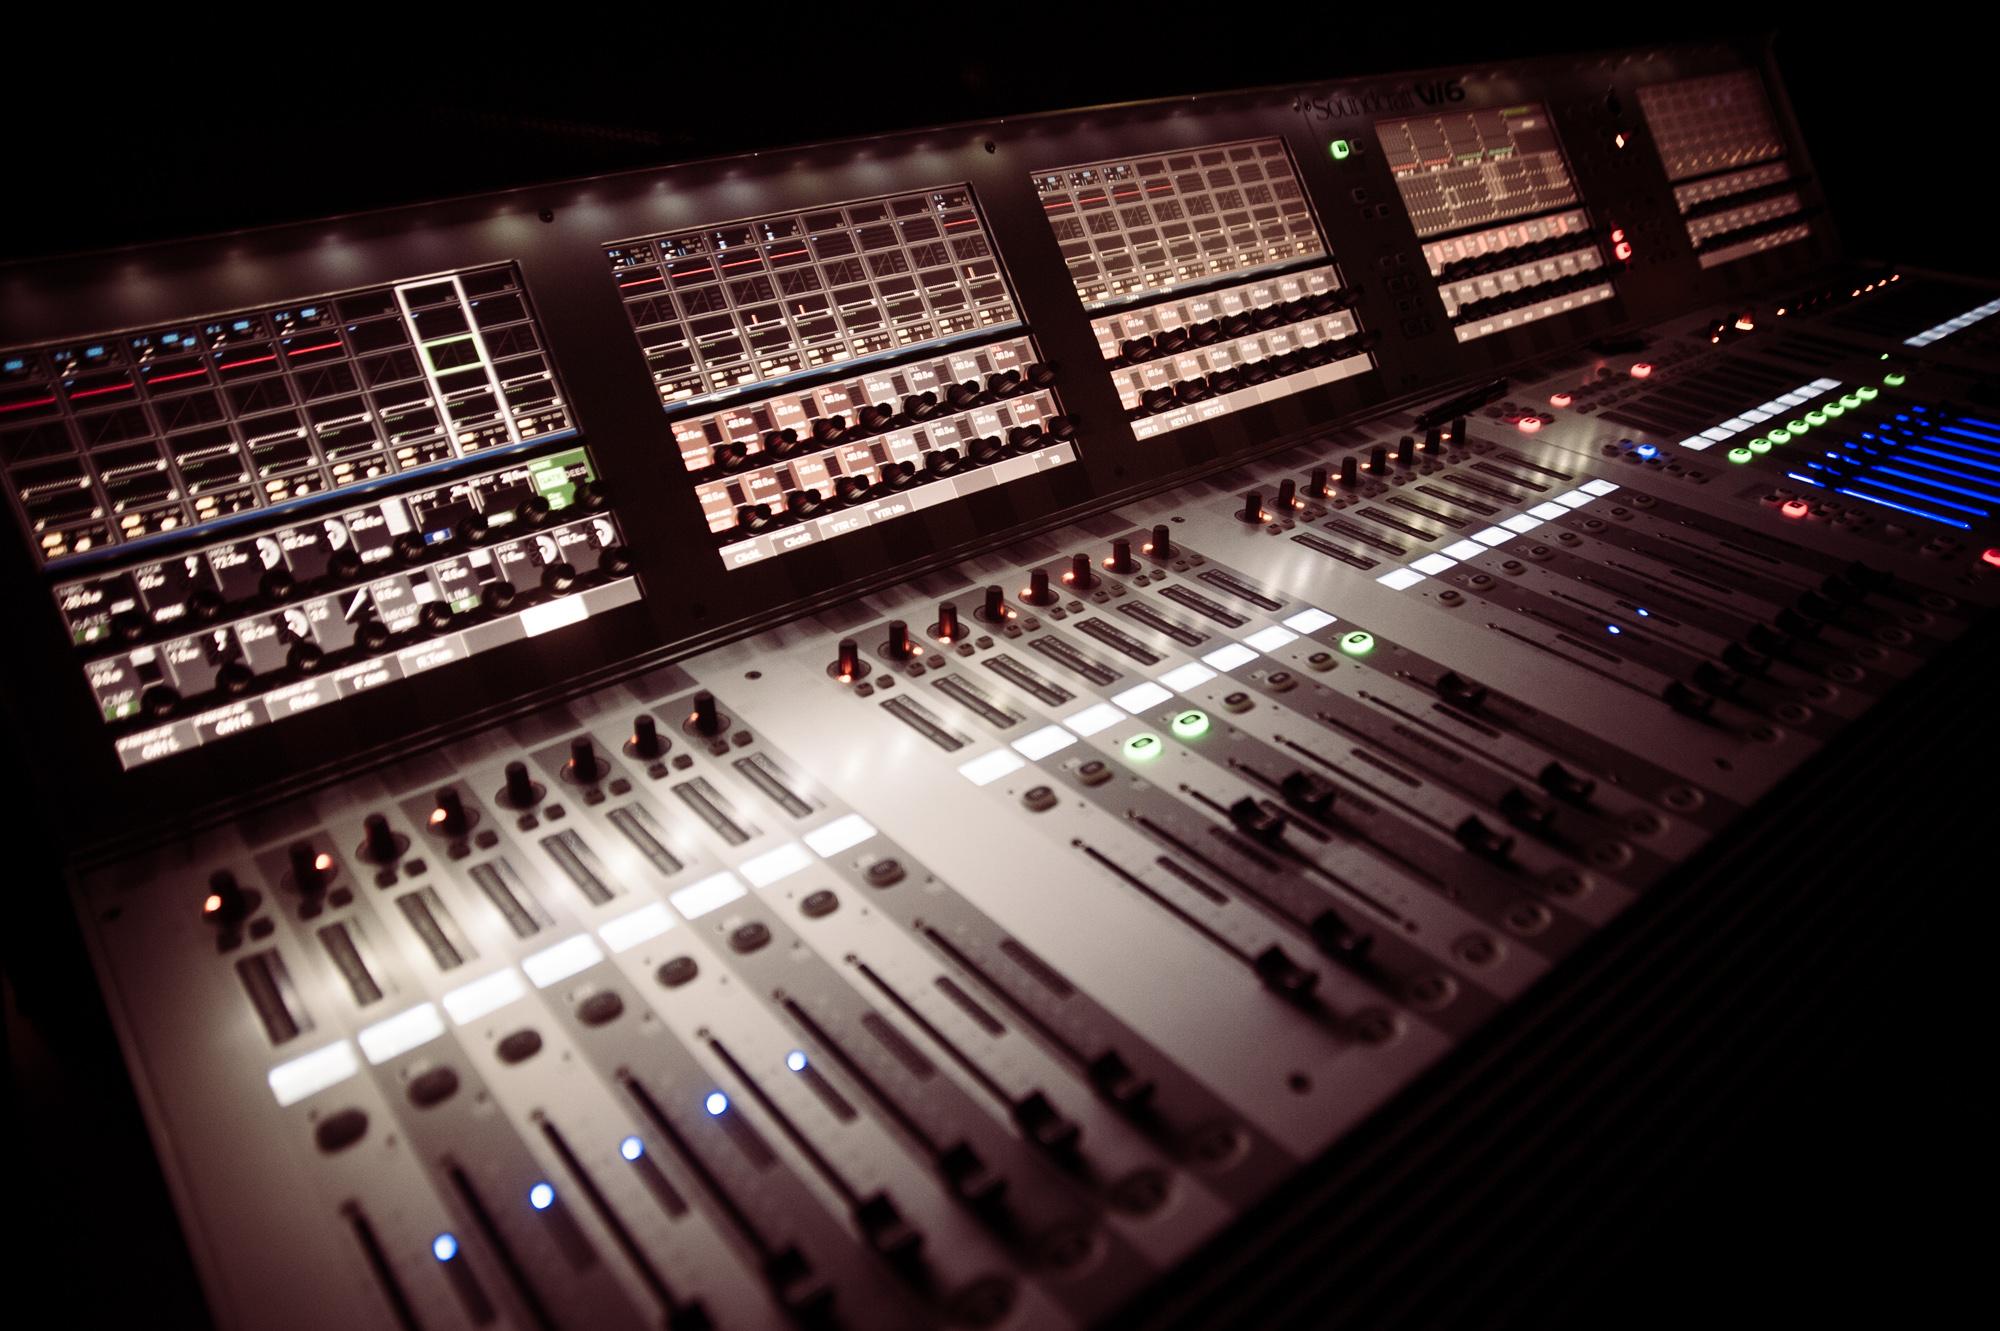 メカニックなDTM機材で音源収録